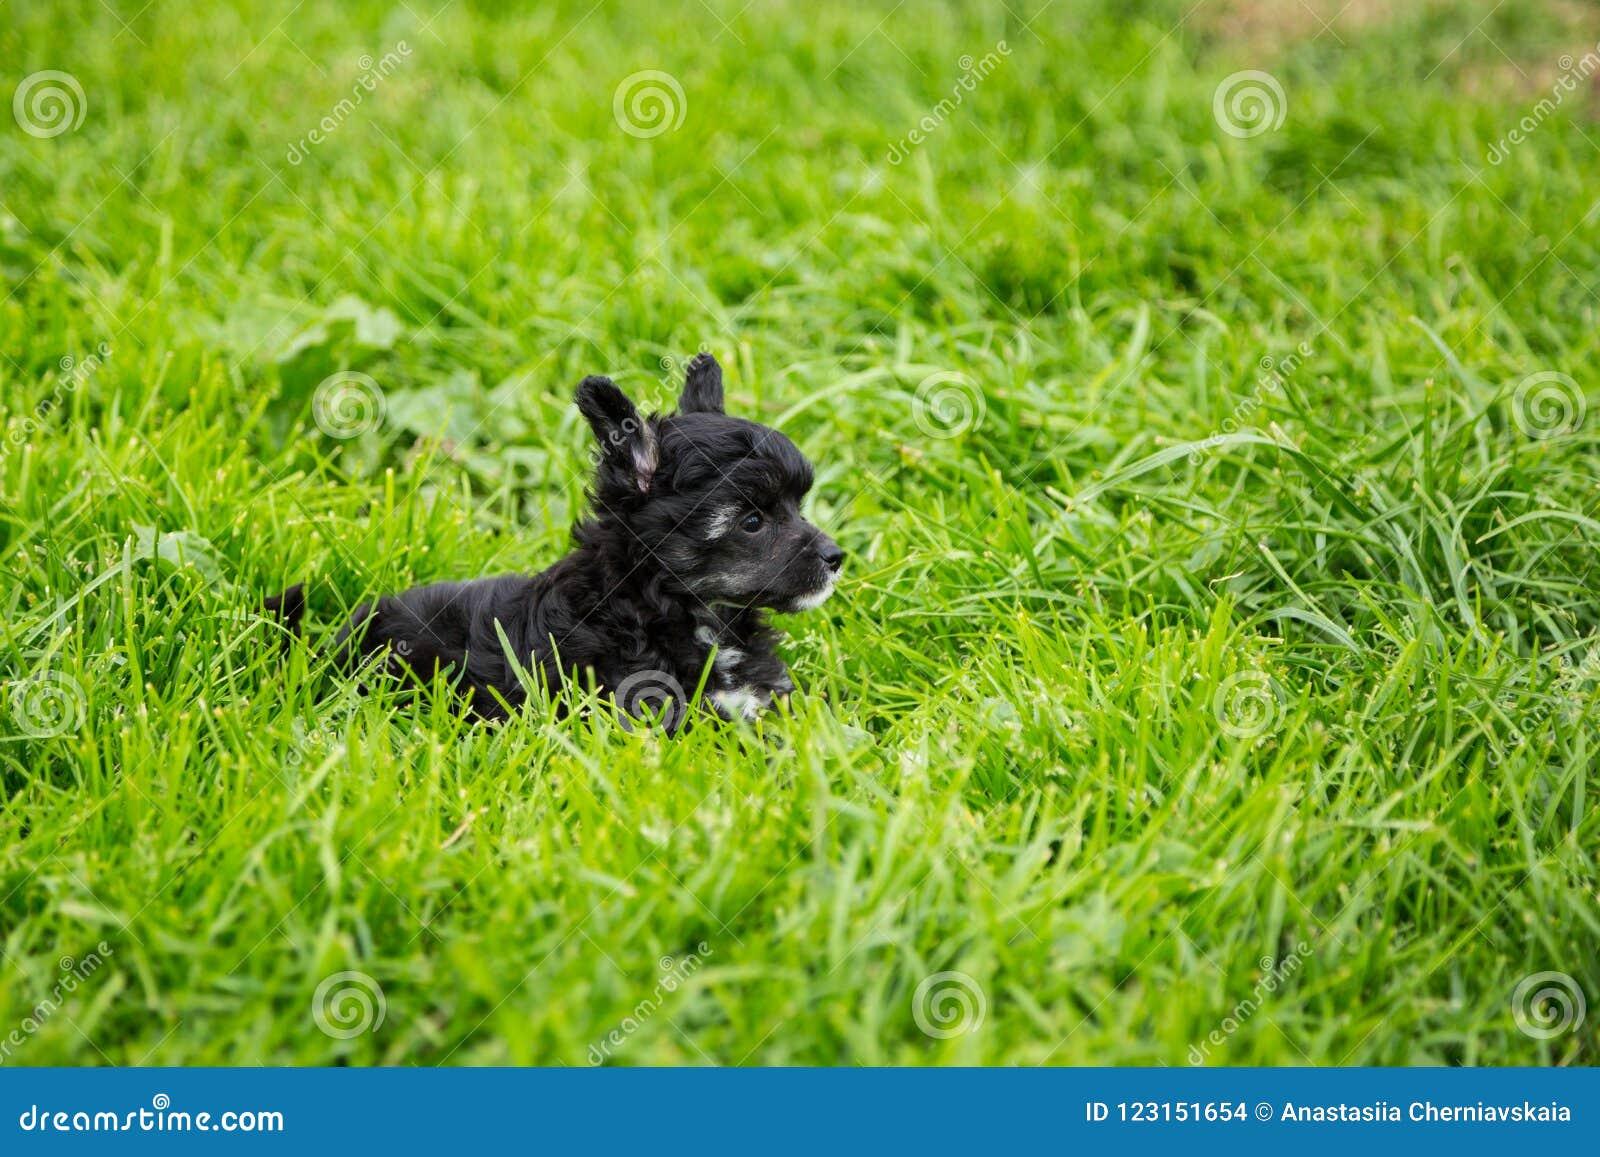 Retrato do cão com crista chinês da raça do cachorrinho do sopro de pó preto que encontra-se na grama verde no dia de verão